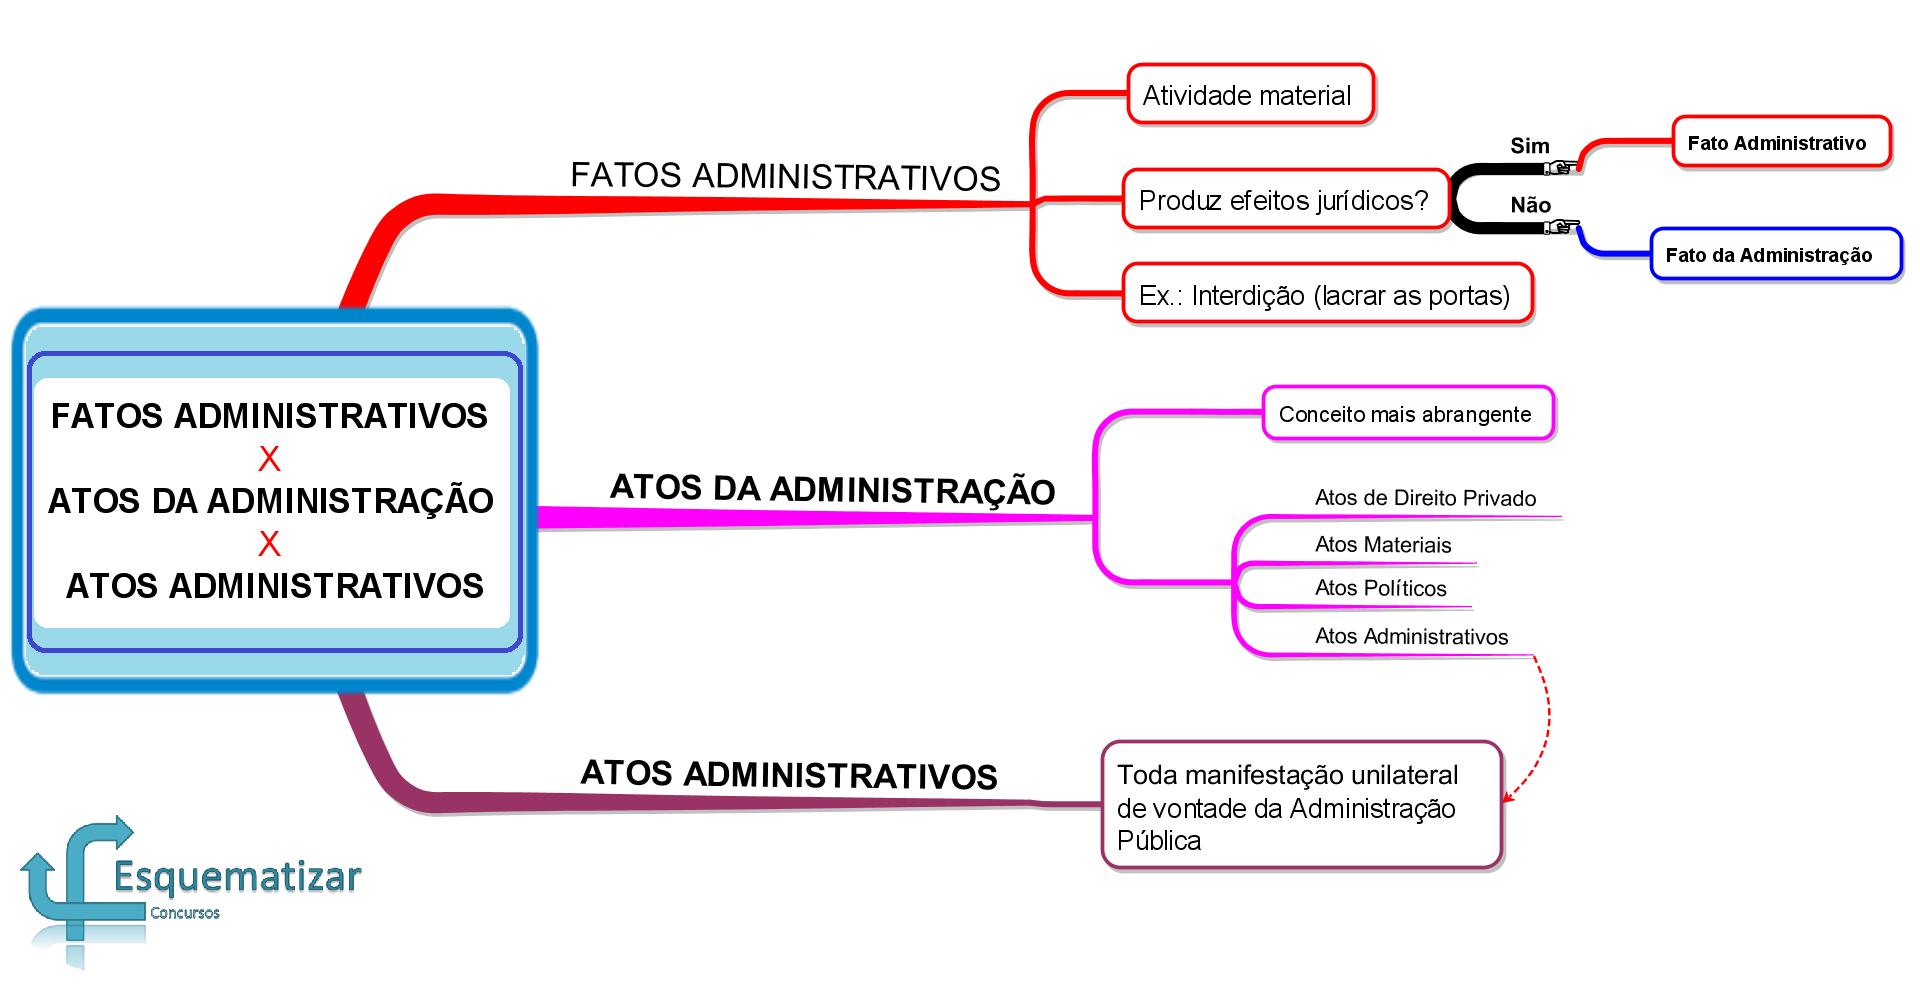 Fatos Administrativos X Atos da Administração X Atos Administrativos